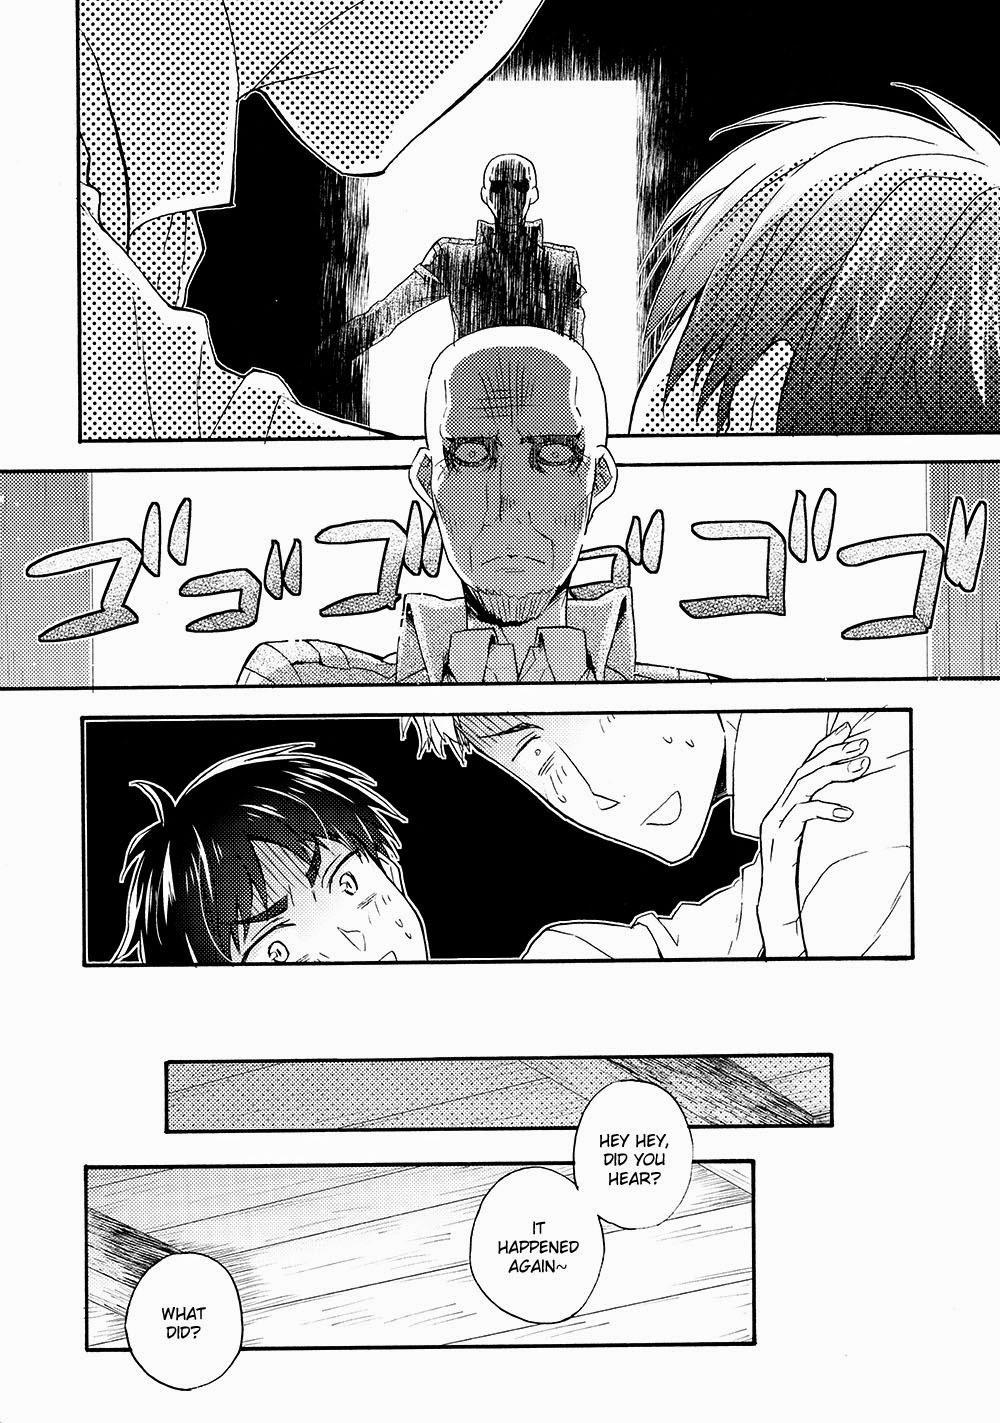 [dg (Doguu)] Ore-tachi Tsukiattemasun. - Kouhen – Shita – (Shingeki no Kyojin) [English] [Moy Moe Scanlations] 18